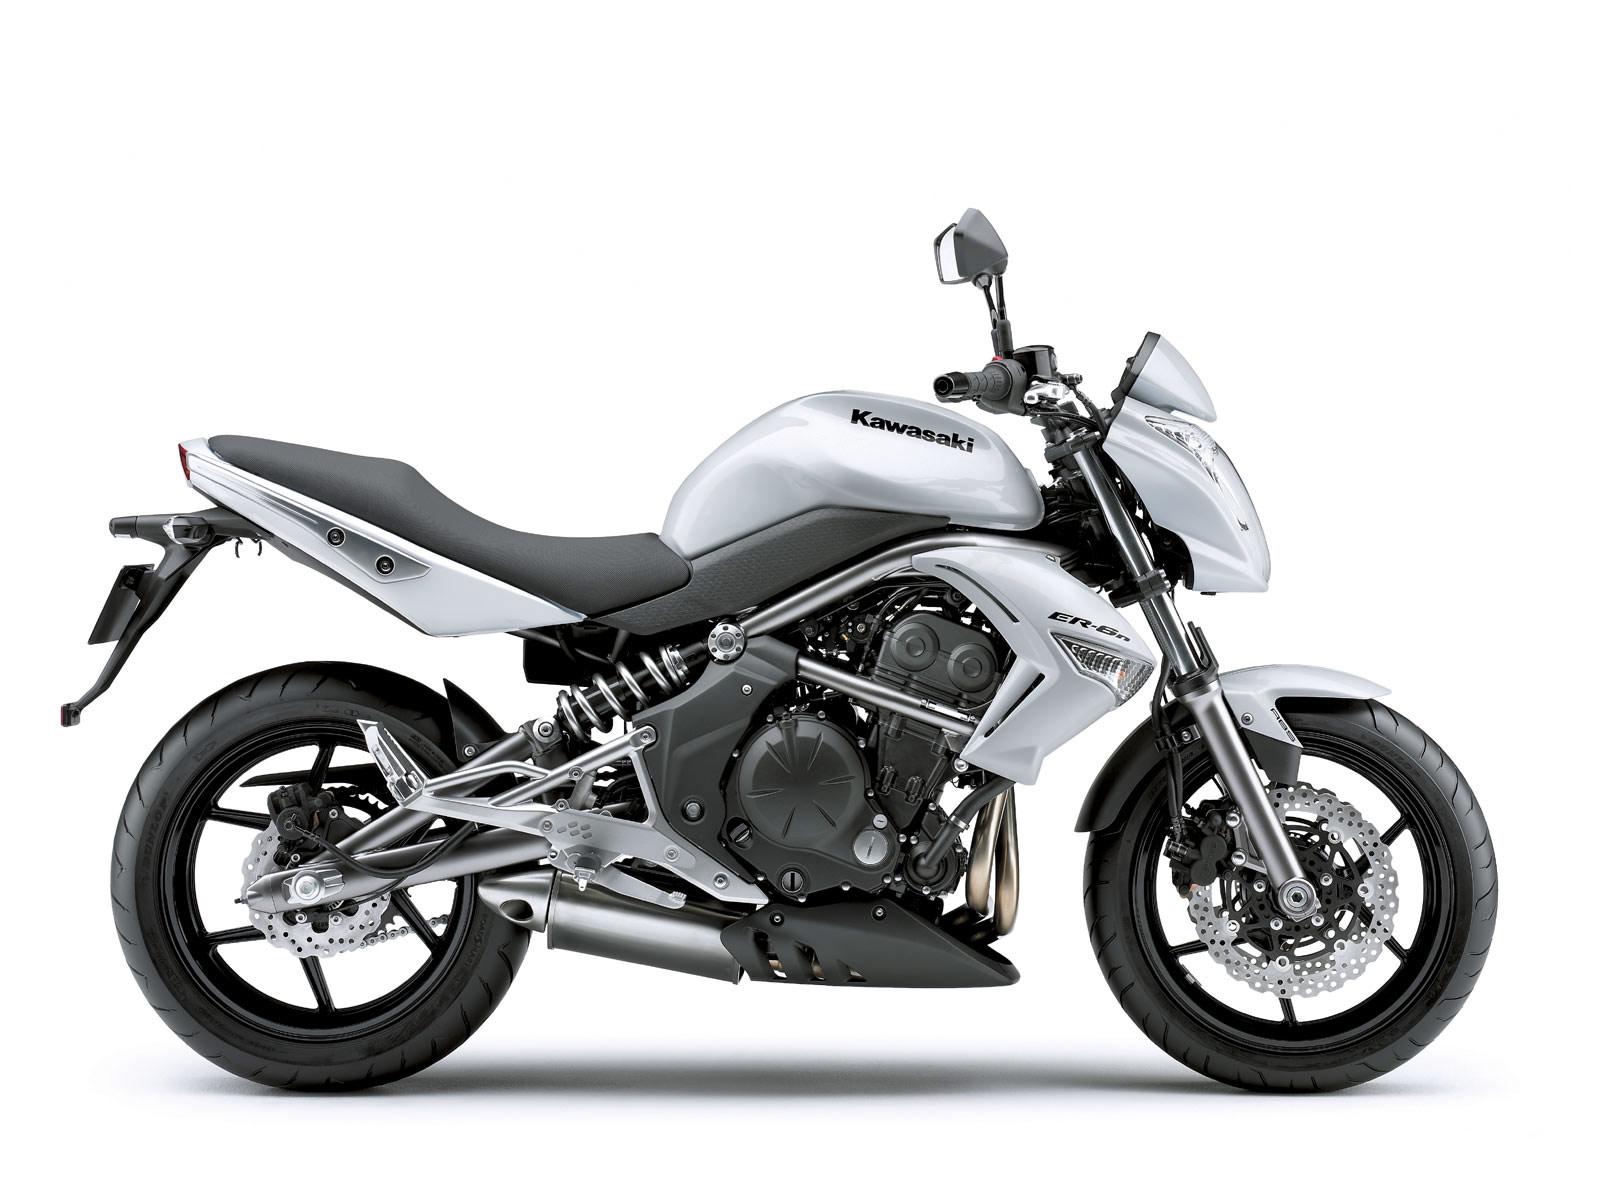 File:Paris - Salon de la moto 2011 - Kawasaki - ER-6N